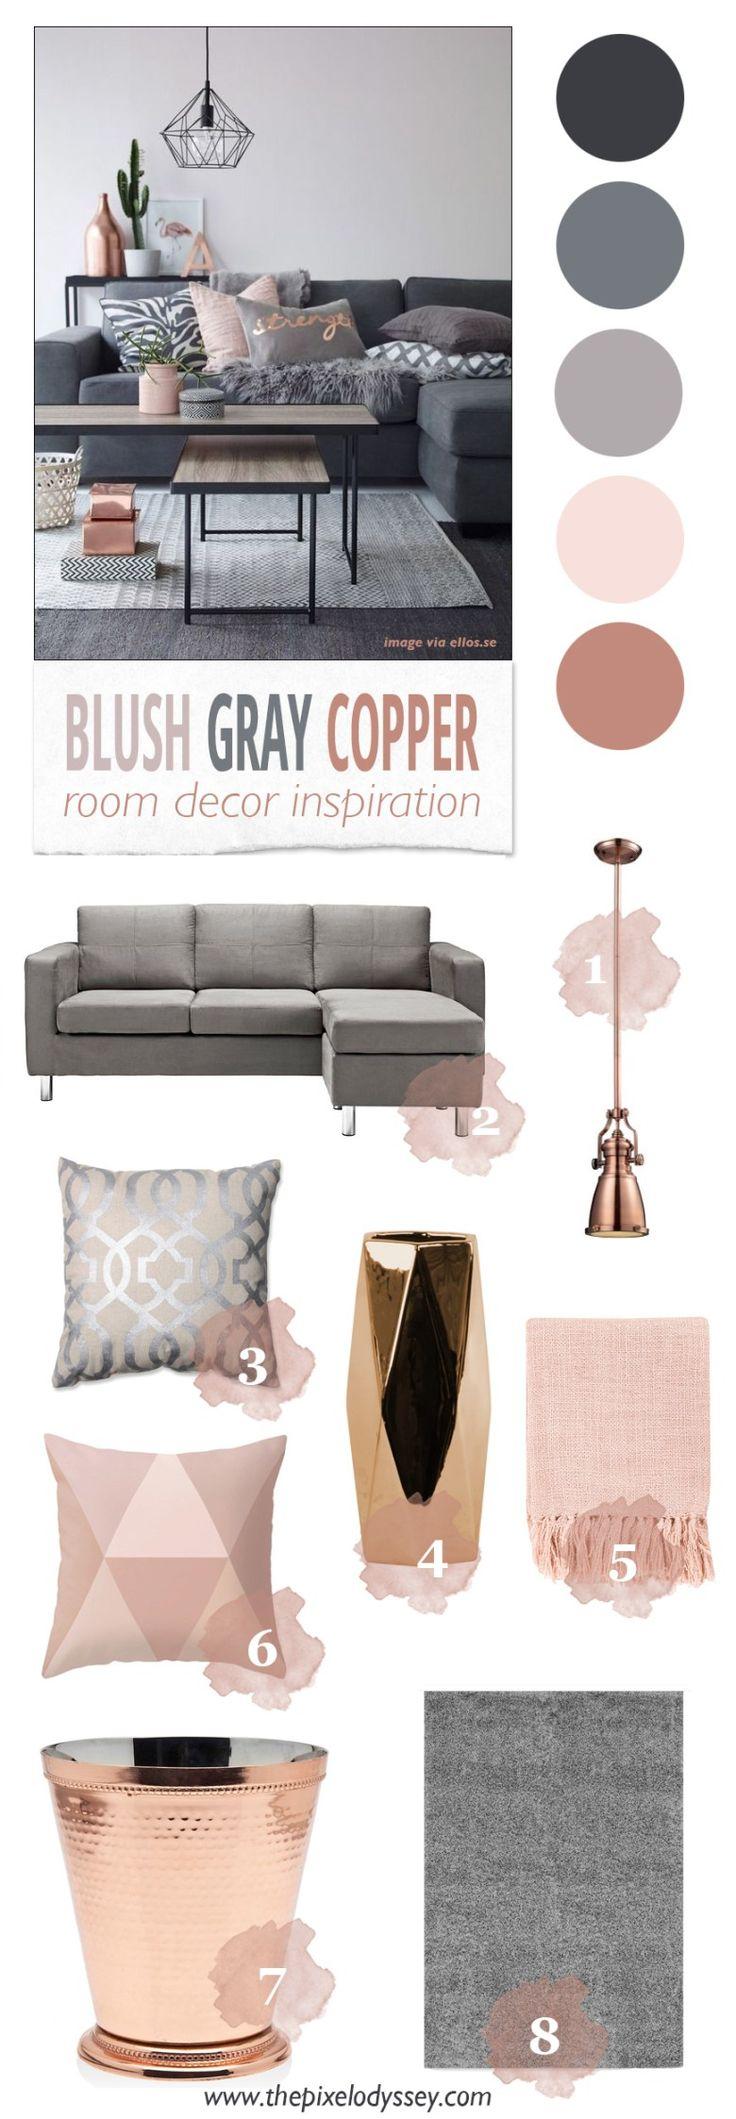 Blush Gray Copper Room Decor Inspiration